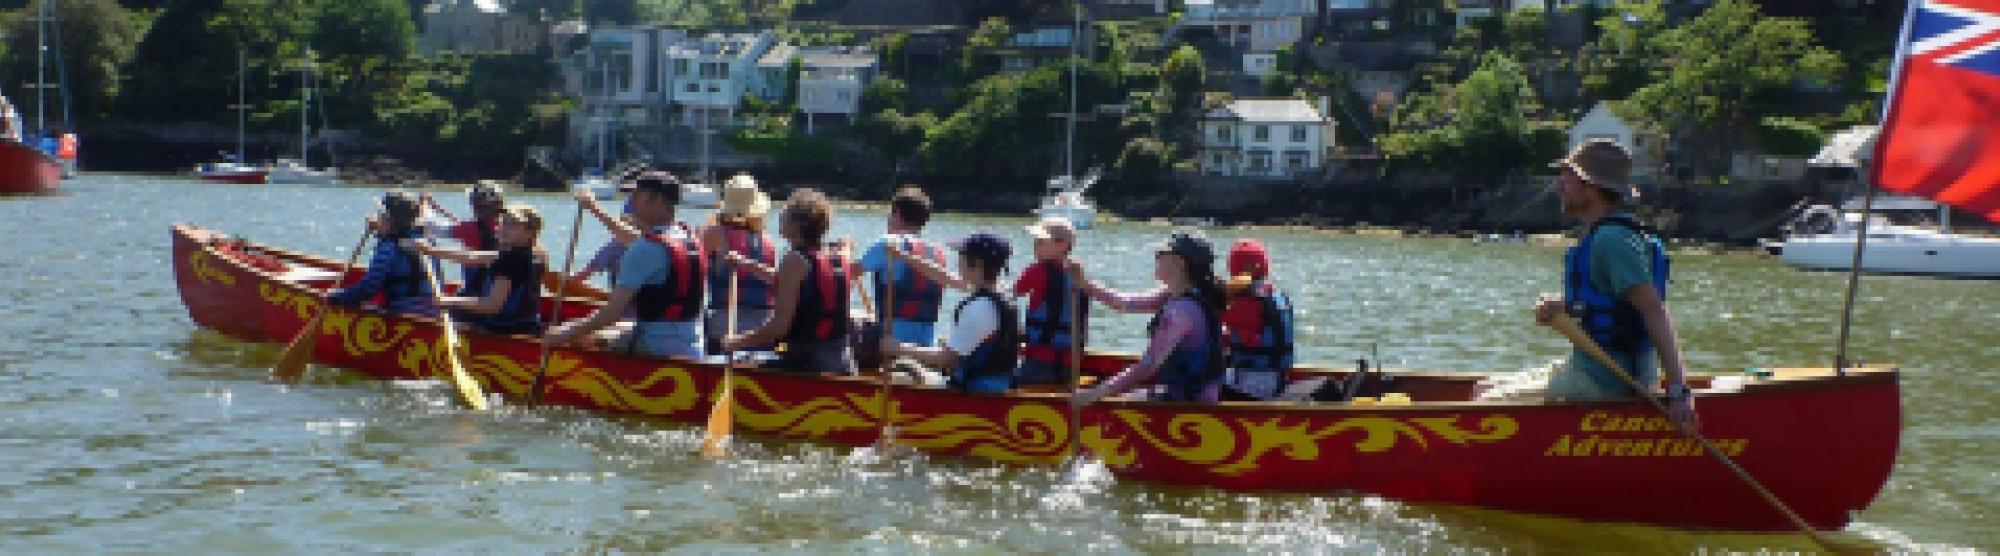 Canoe Adventures Devon